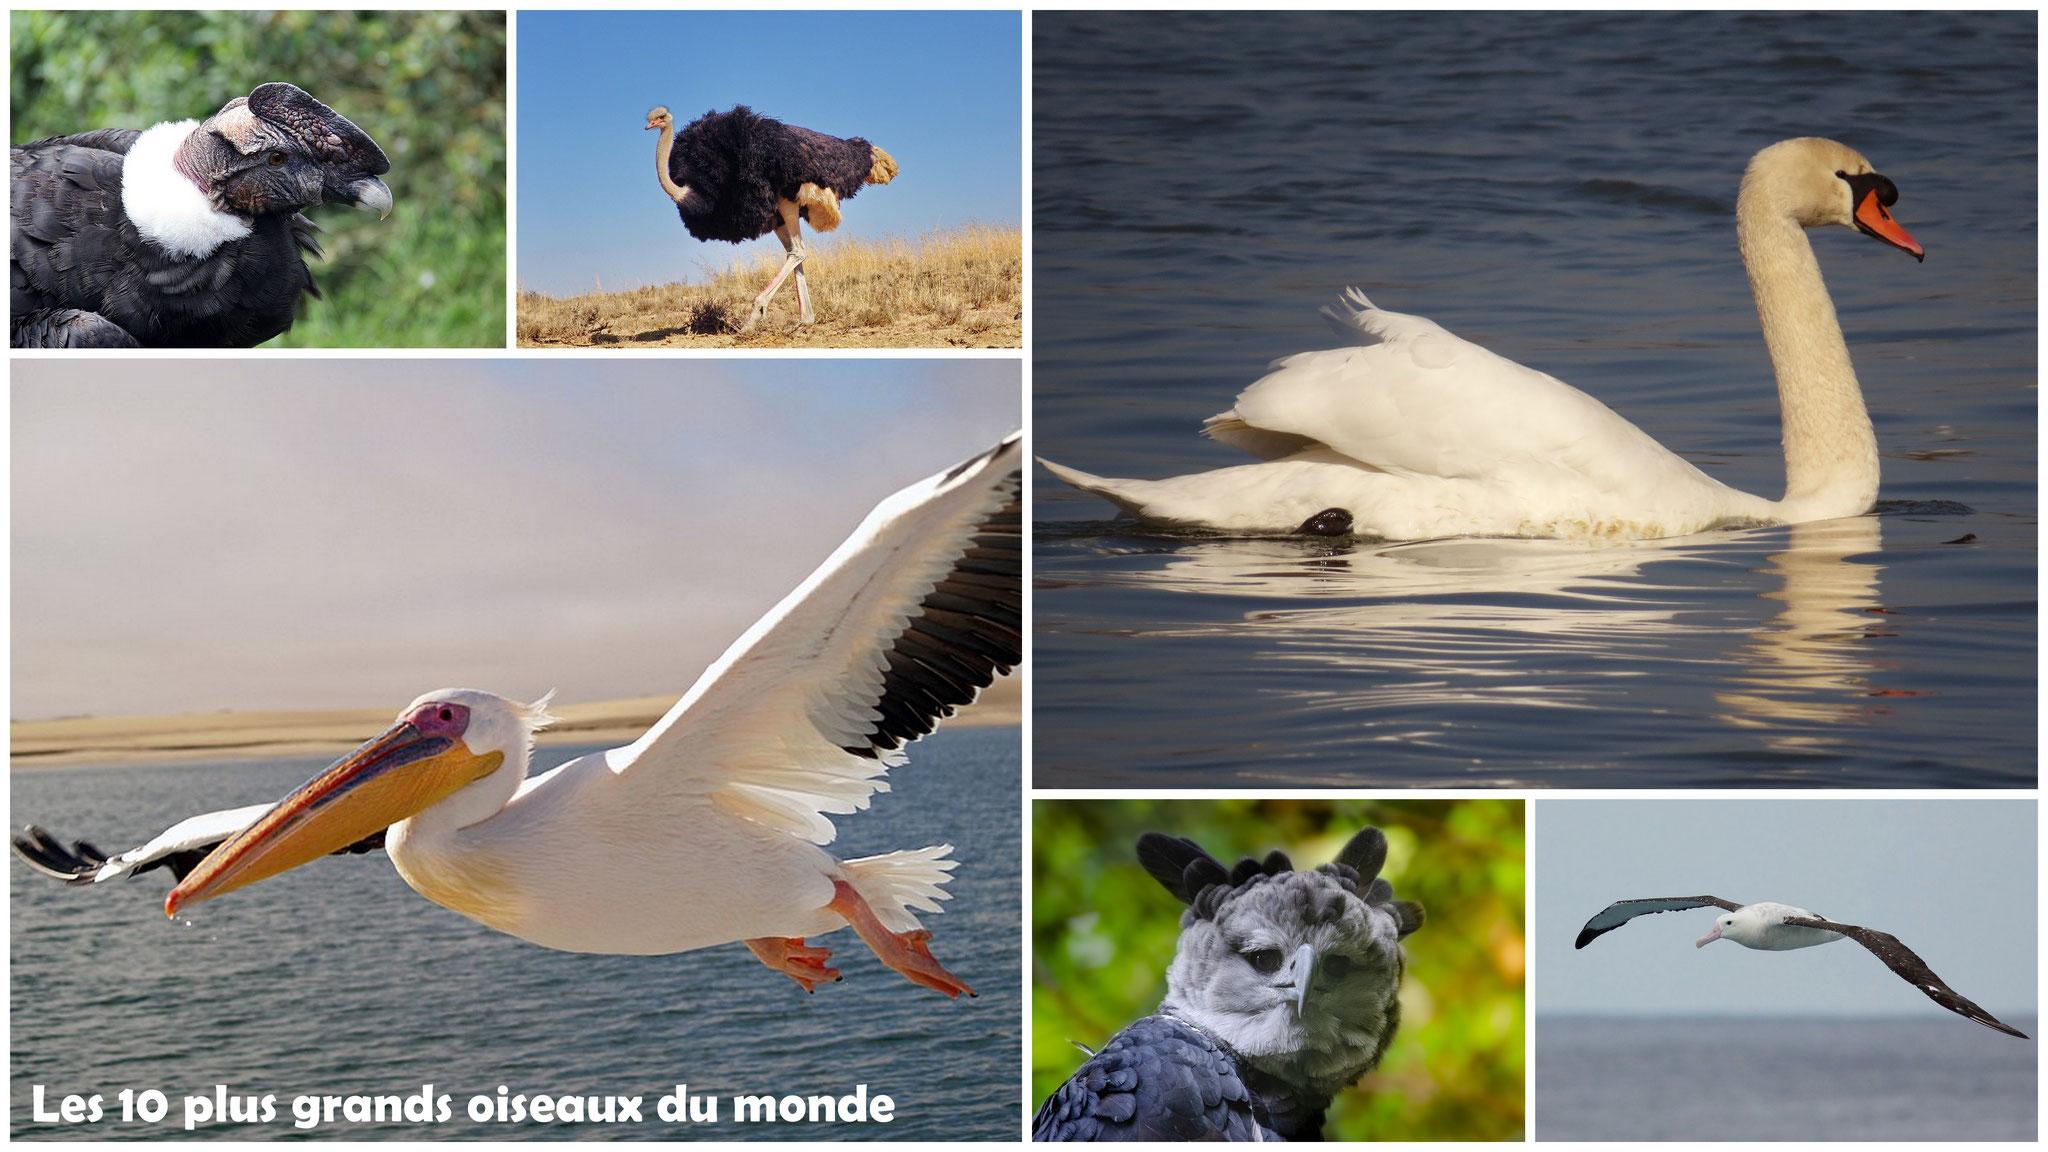 Les 10 plus grands oiseaux du monde